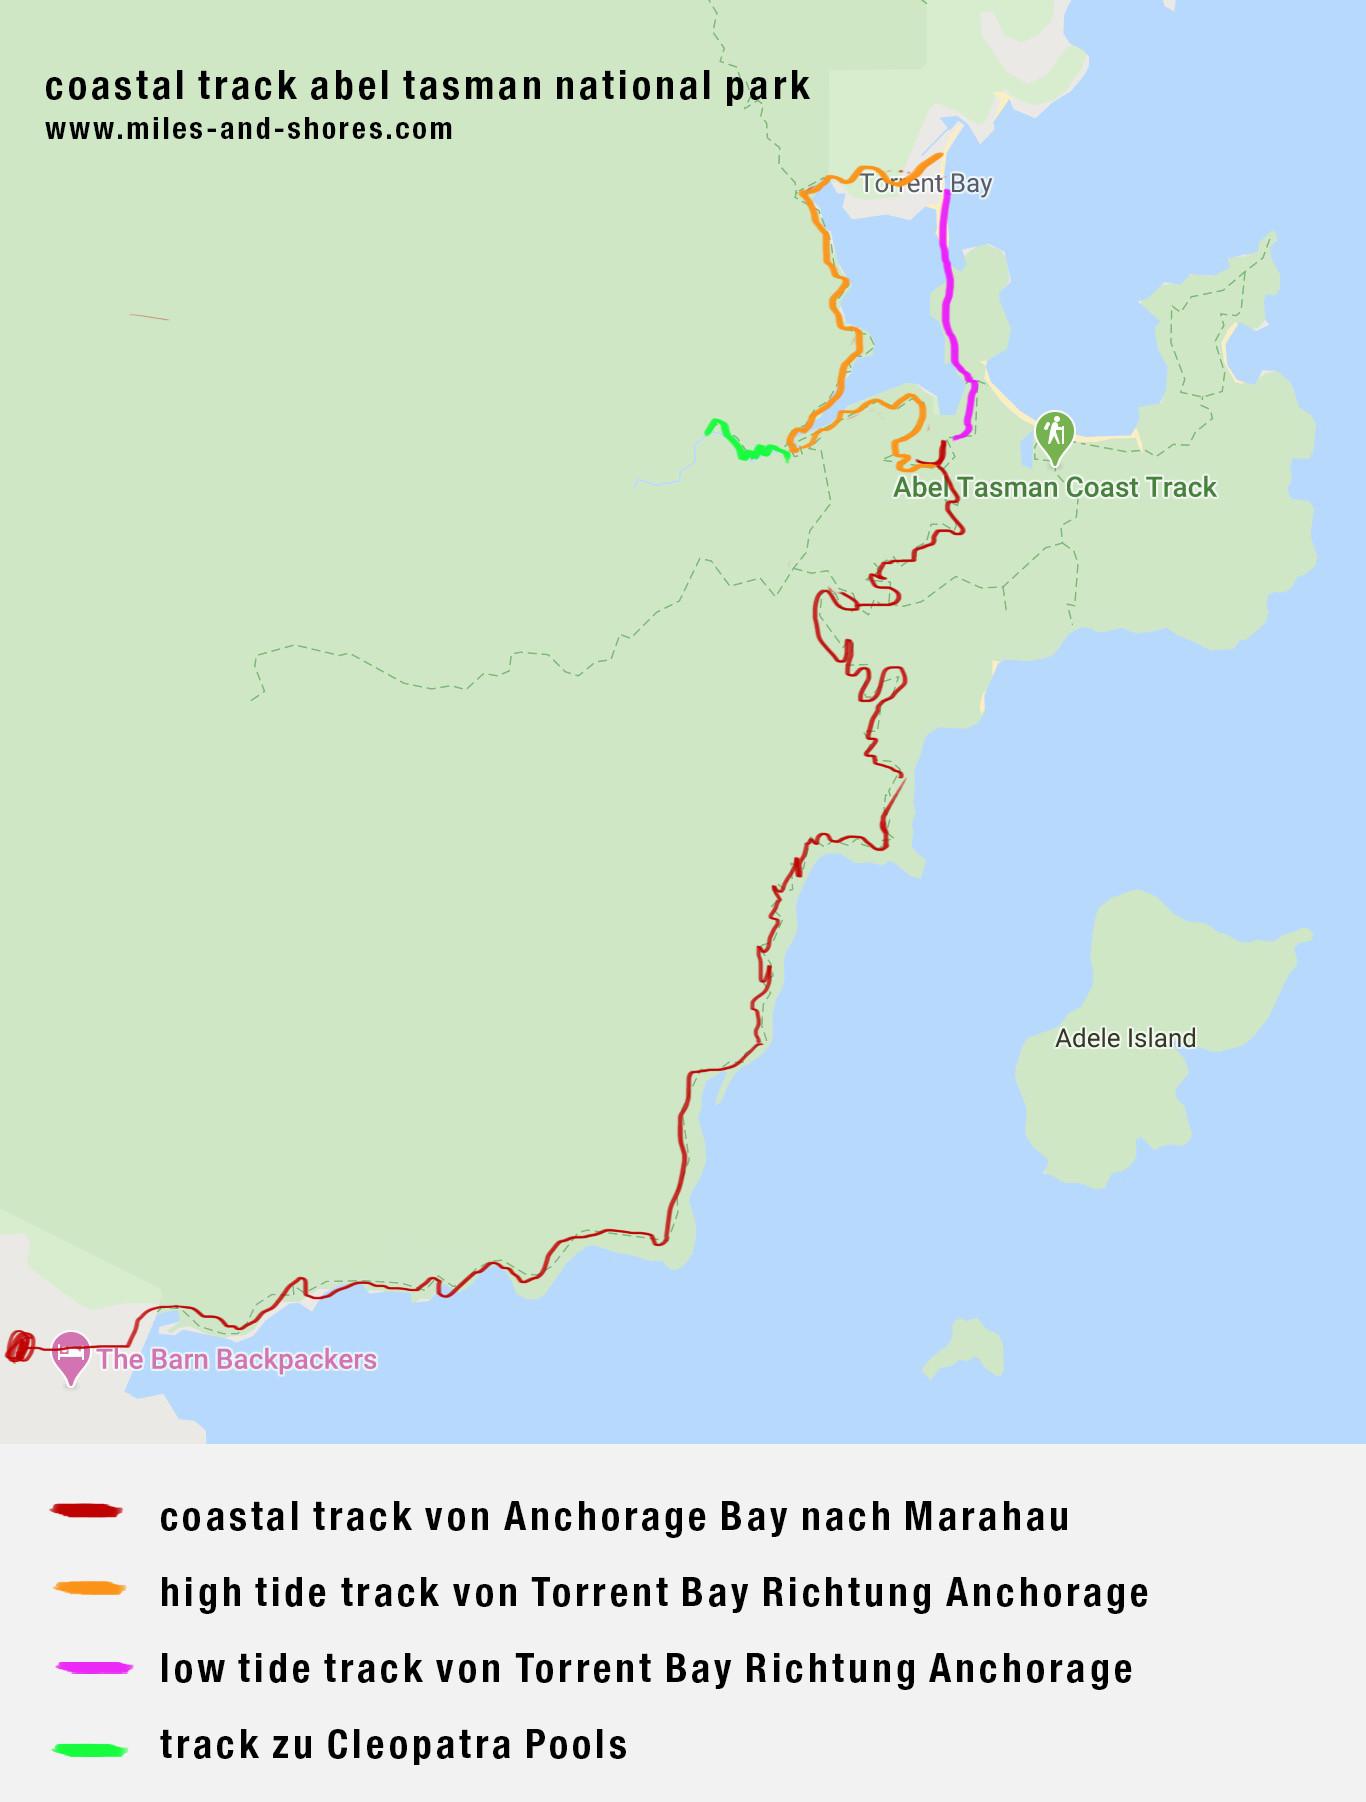 Unsere Route des Coastal Tracks im Abel Tasman Nationalpark in Neuseeland. Die Route bei Flut ist um einiges länger, als bei Ebbe